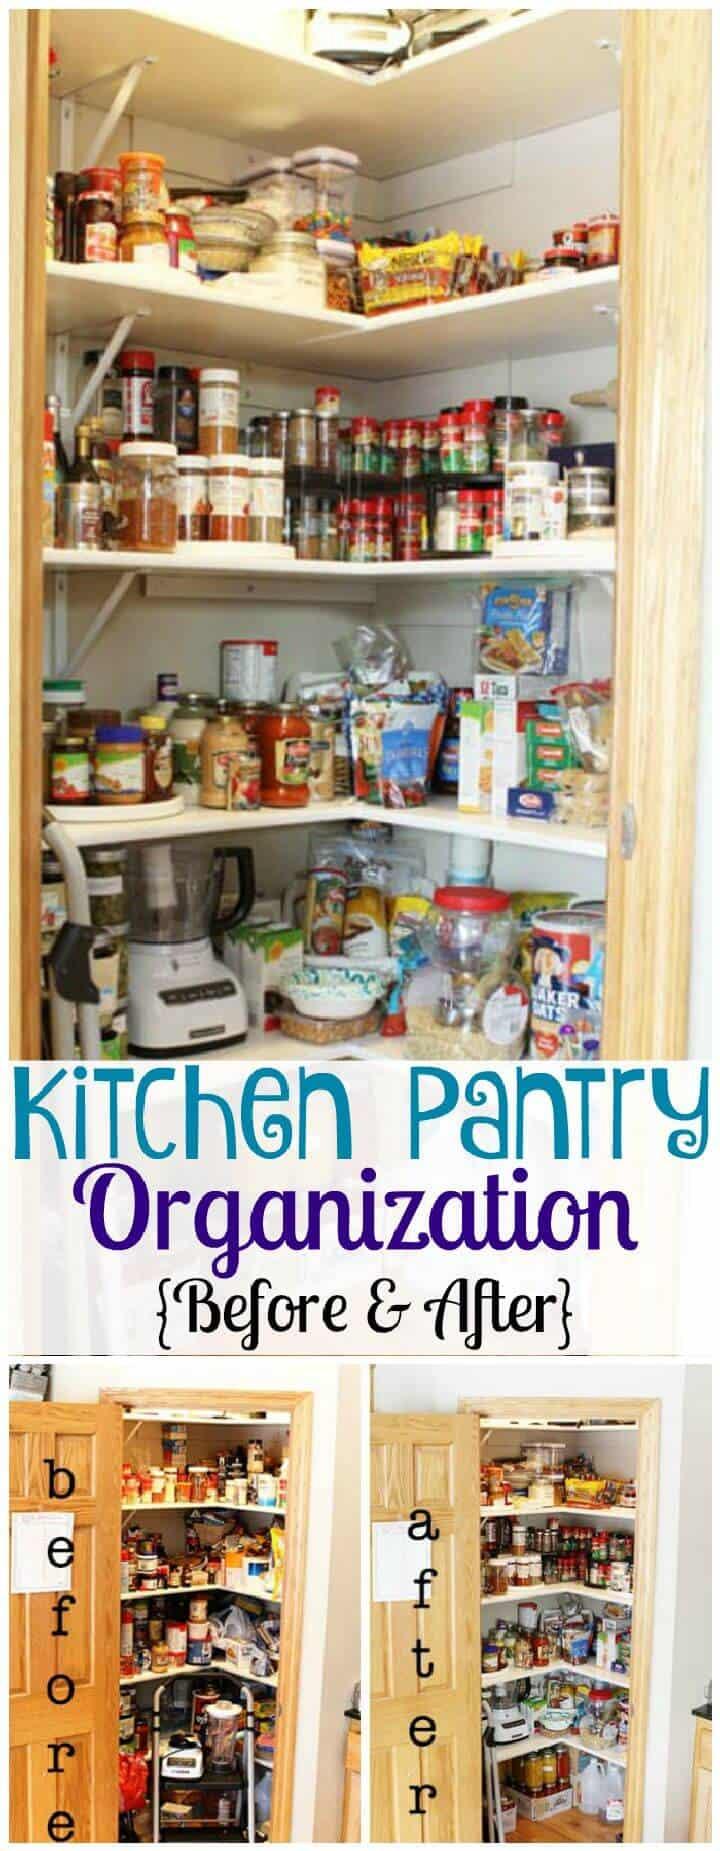 Organización de la despensa de la cocina antes y después